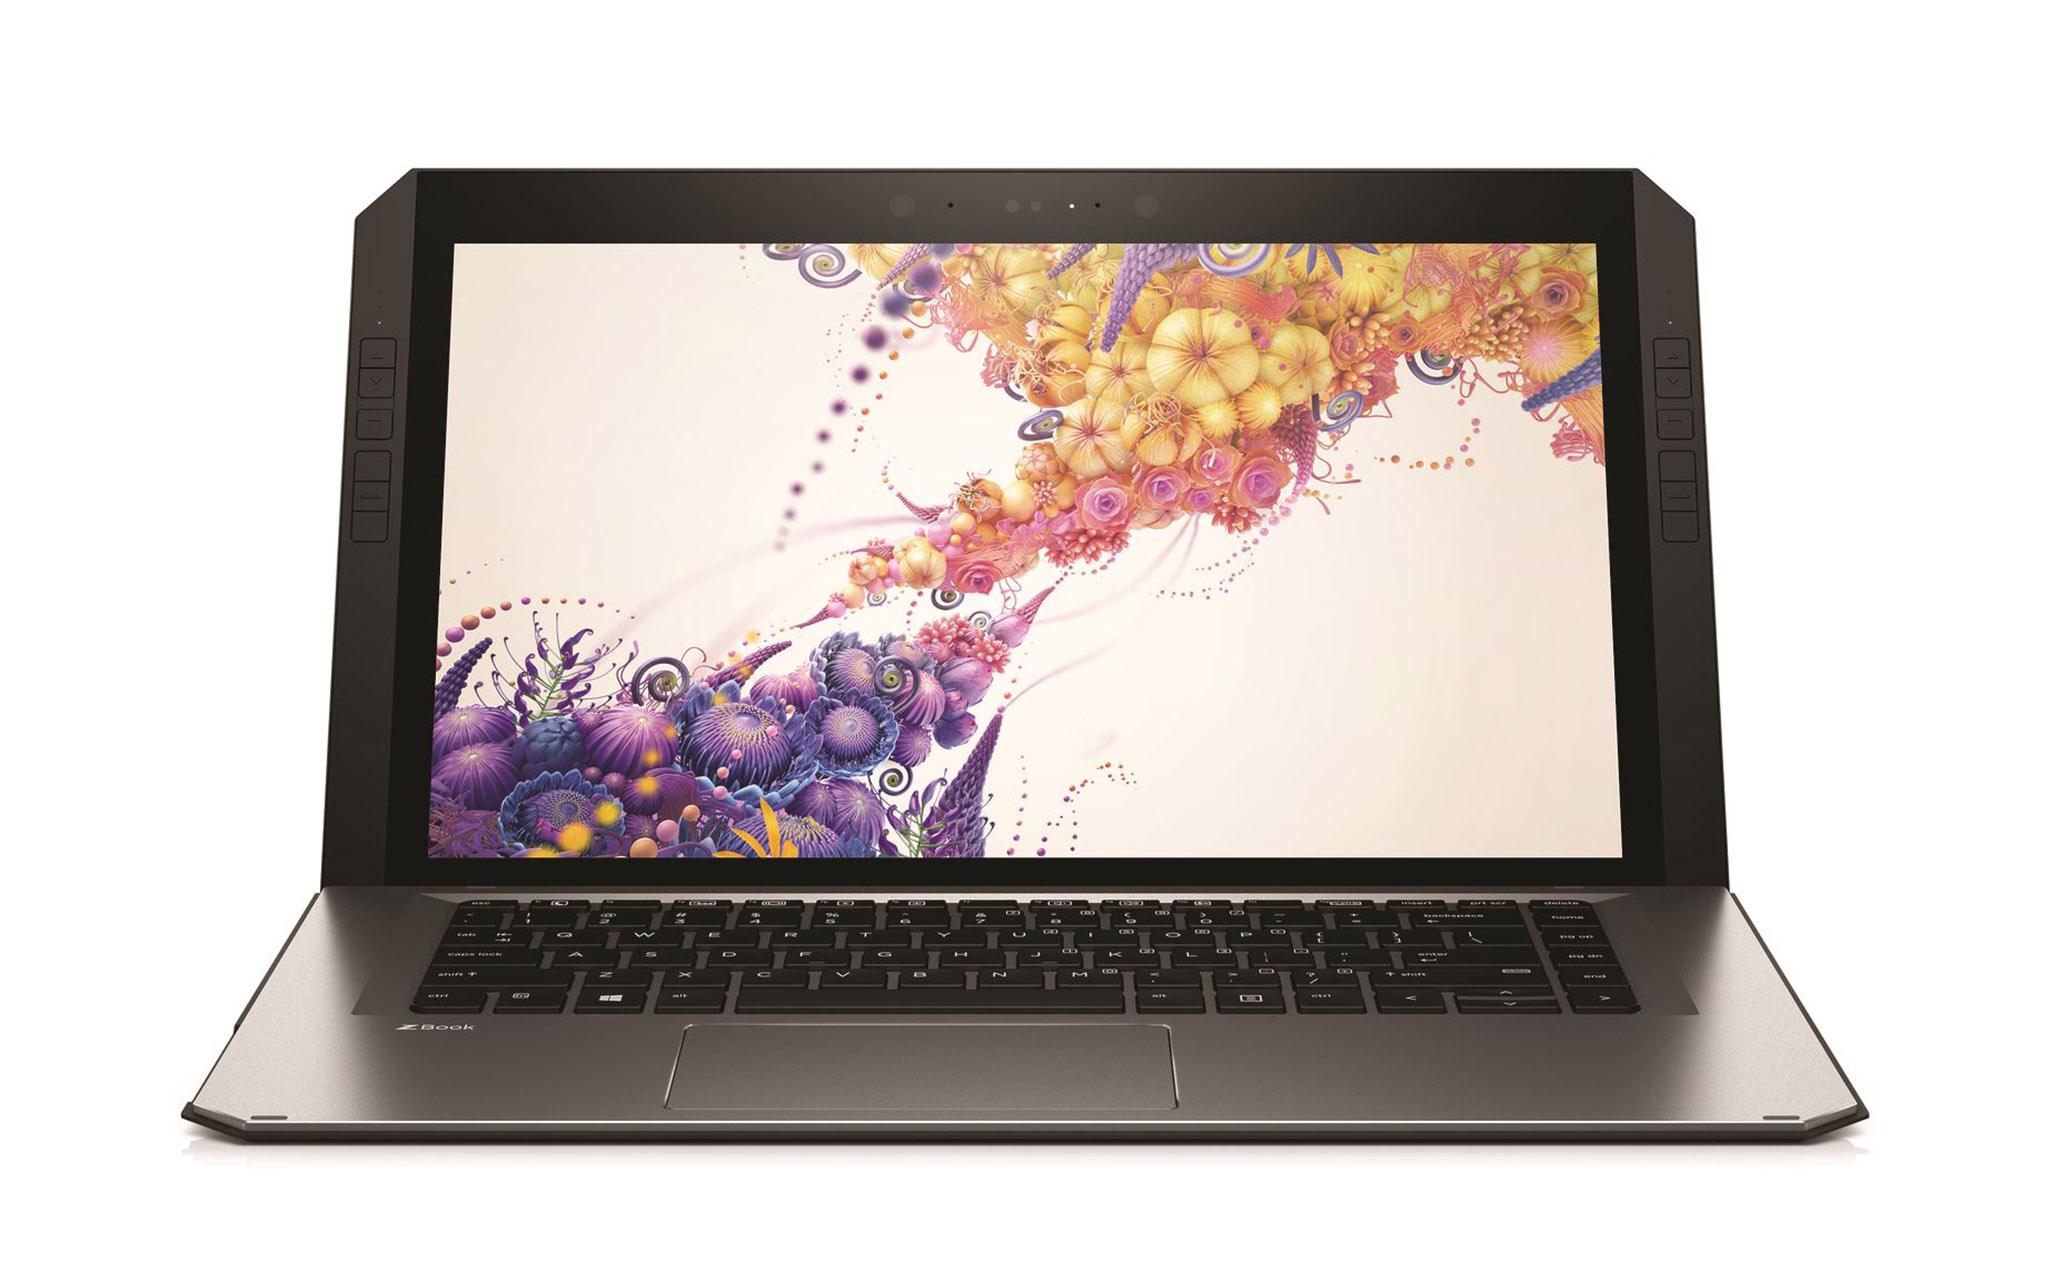 HP Zbook x2 11.jpg